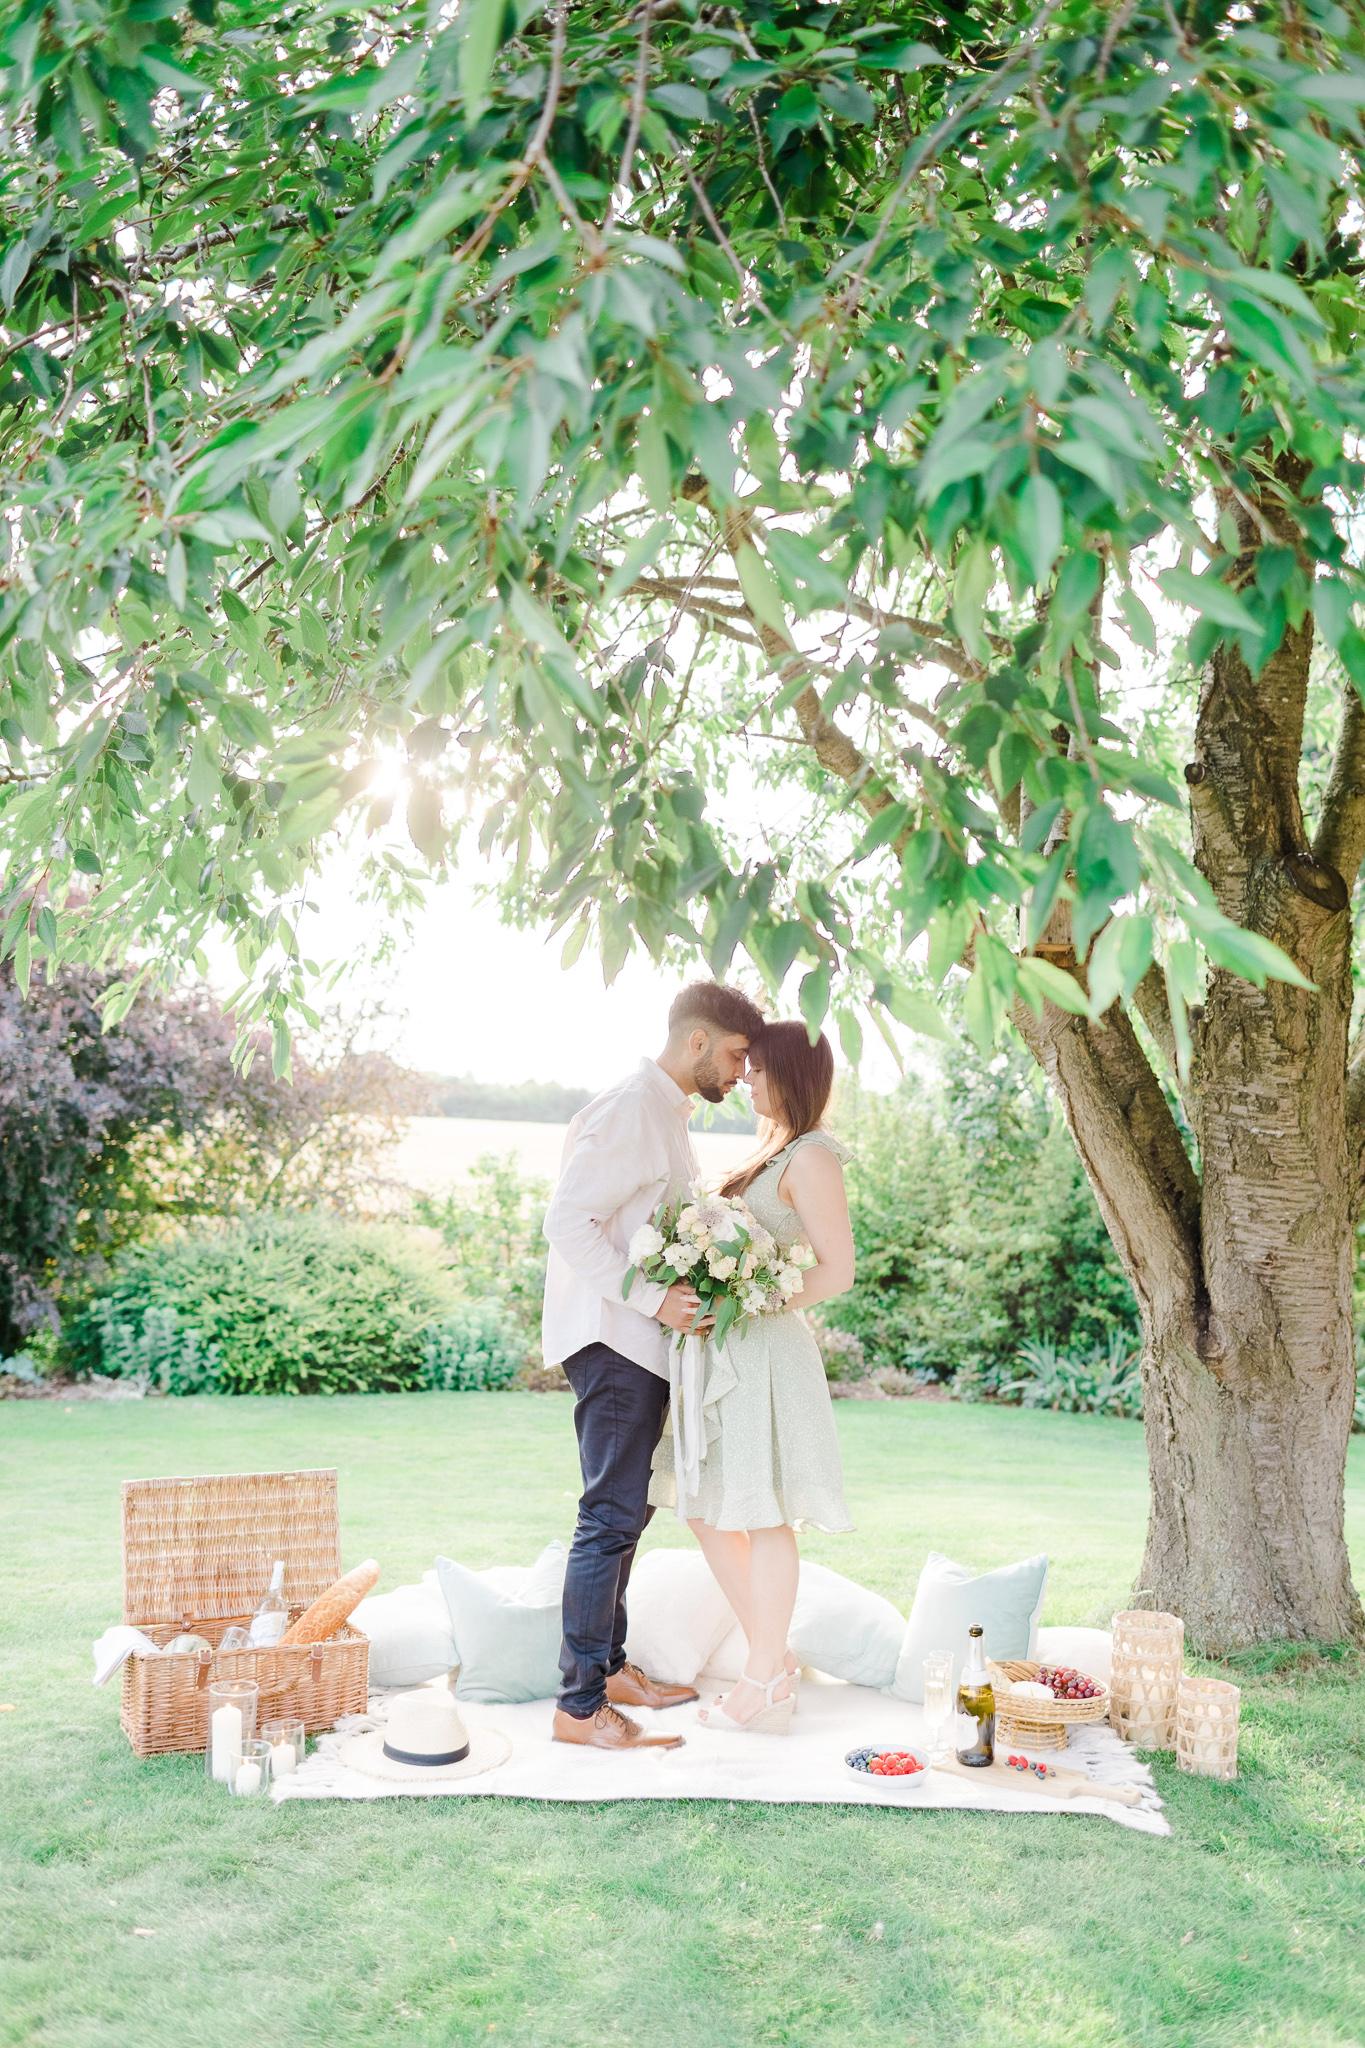 Couple's sunset engagement shoot at The Gardens at Polehanger - Natalie Stevenson